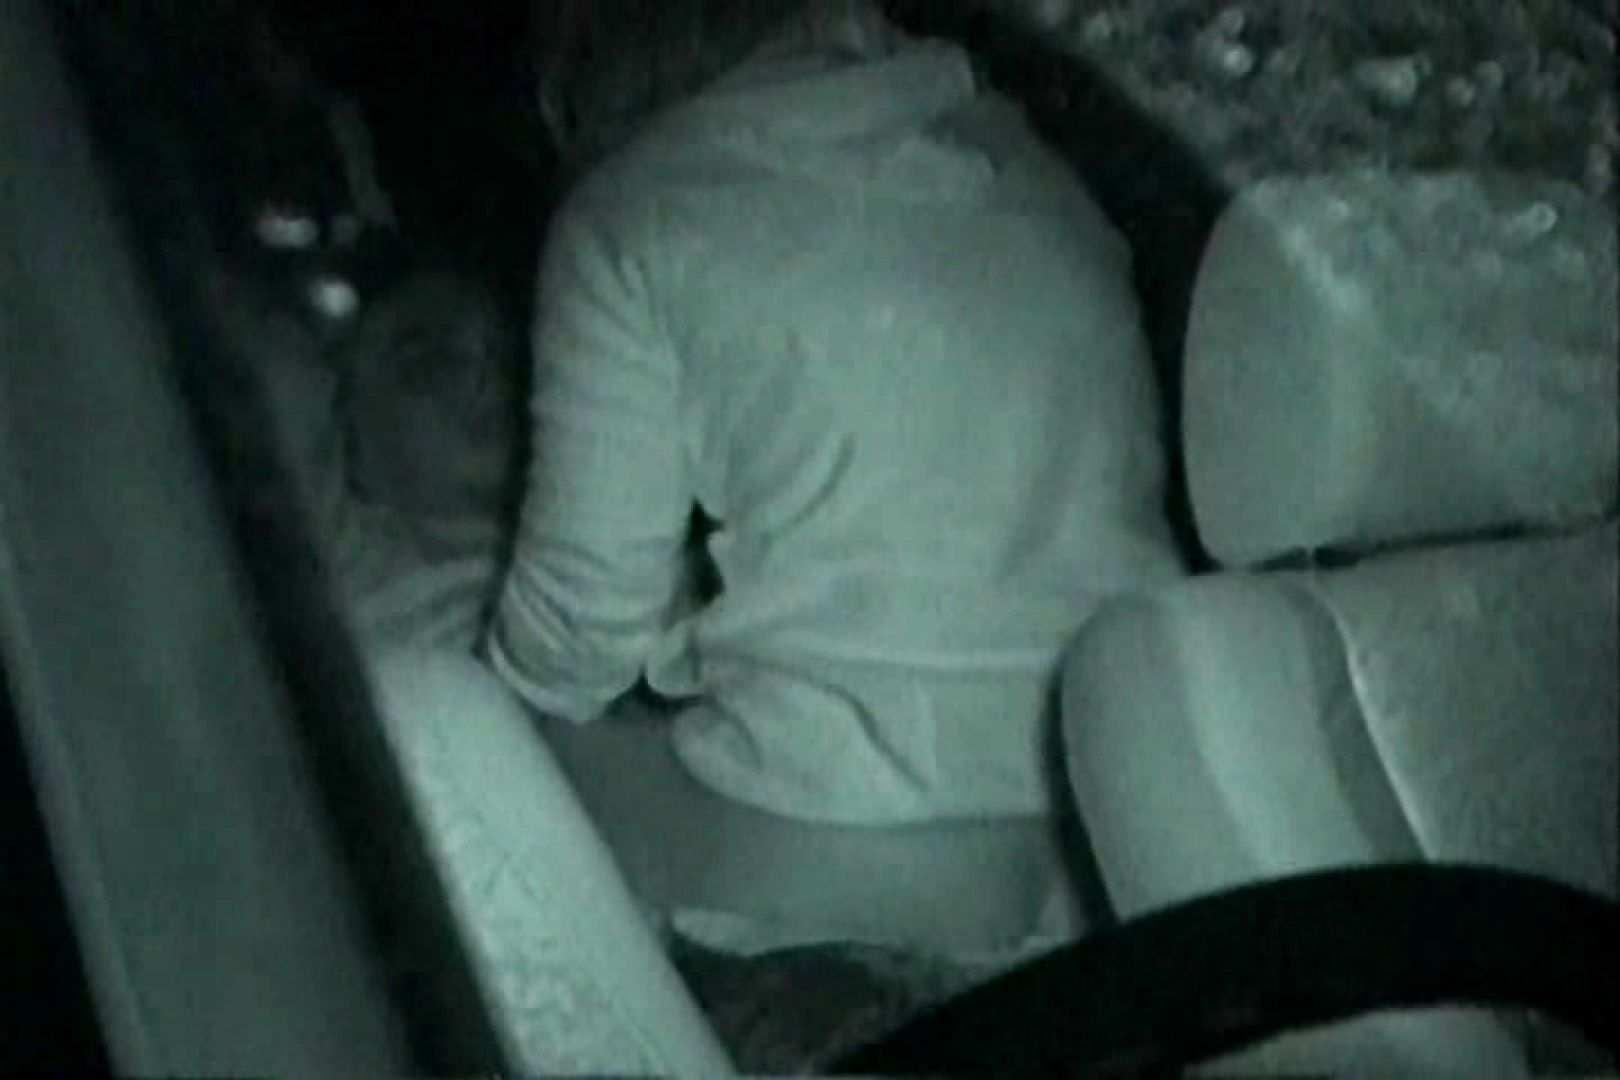 充血監督の深夜の運動会Vol.126 車中はめどり 盗撮動画紹介 107画像 56